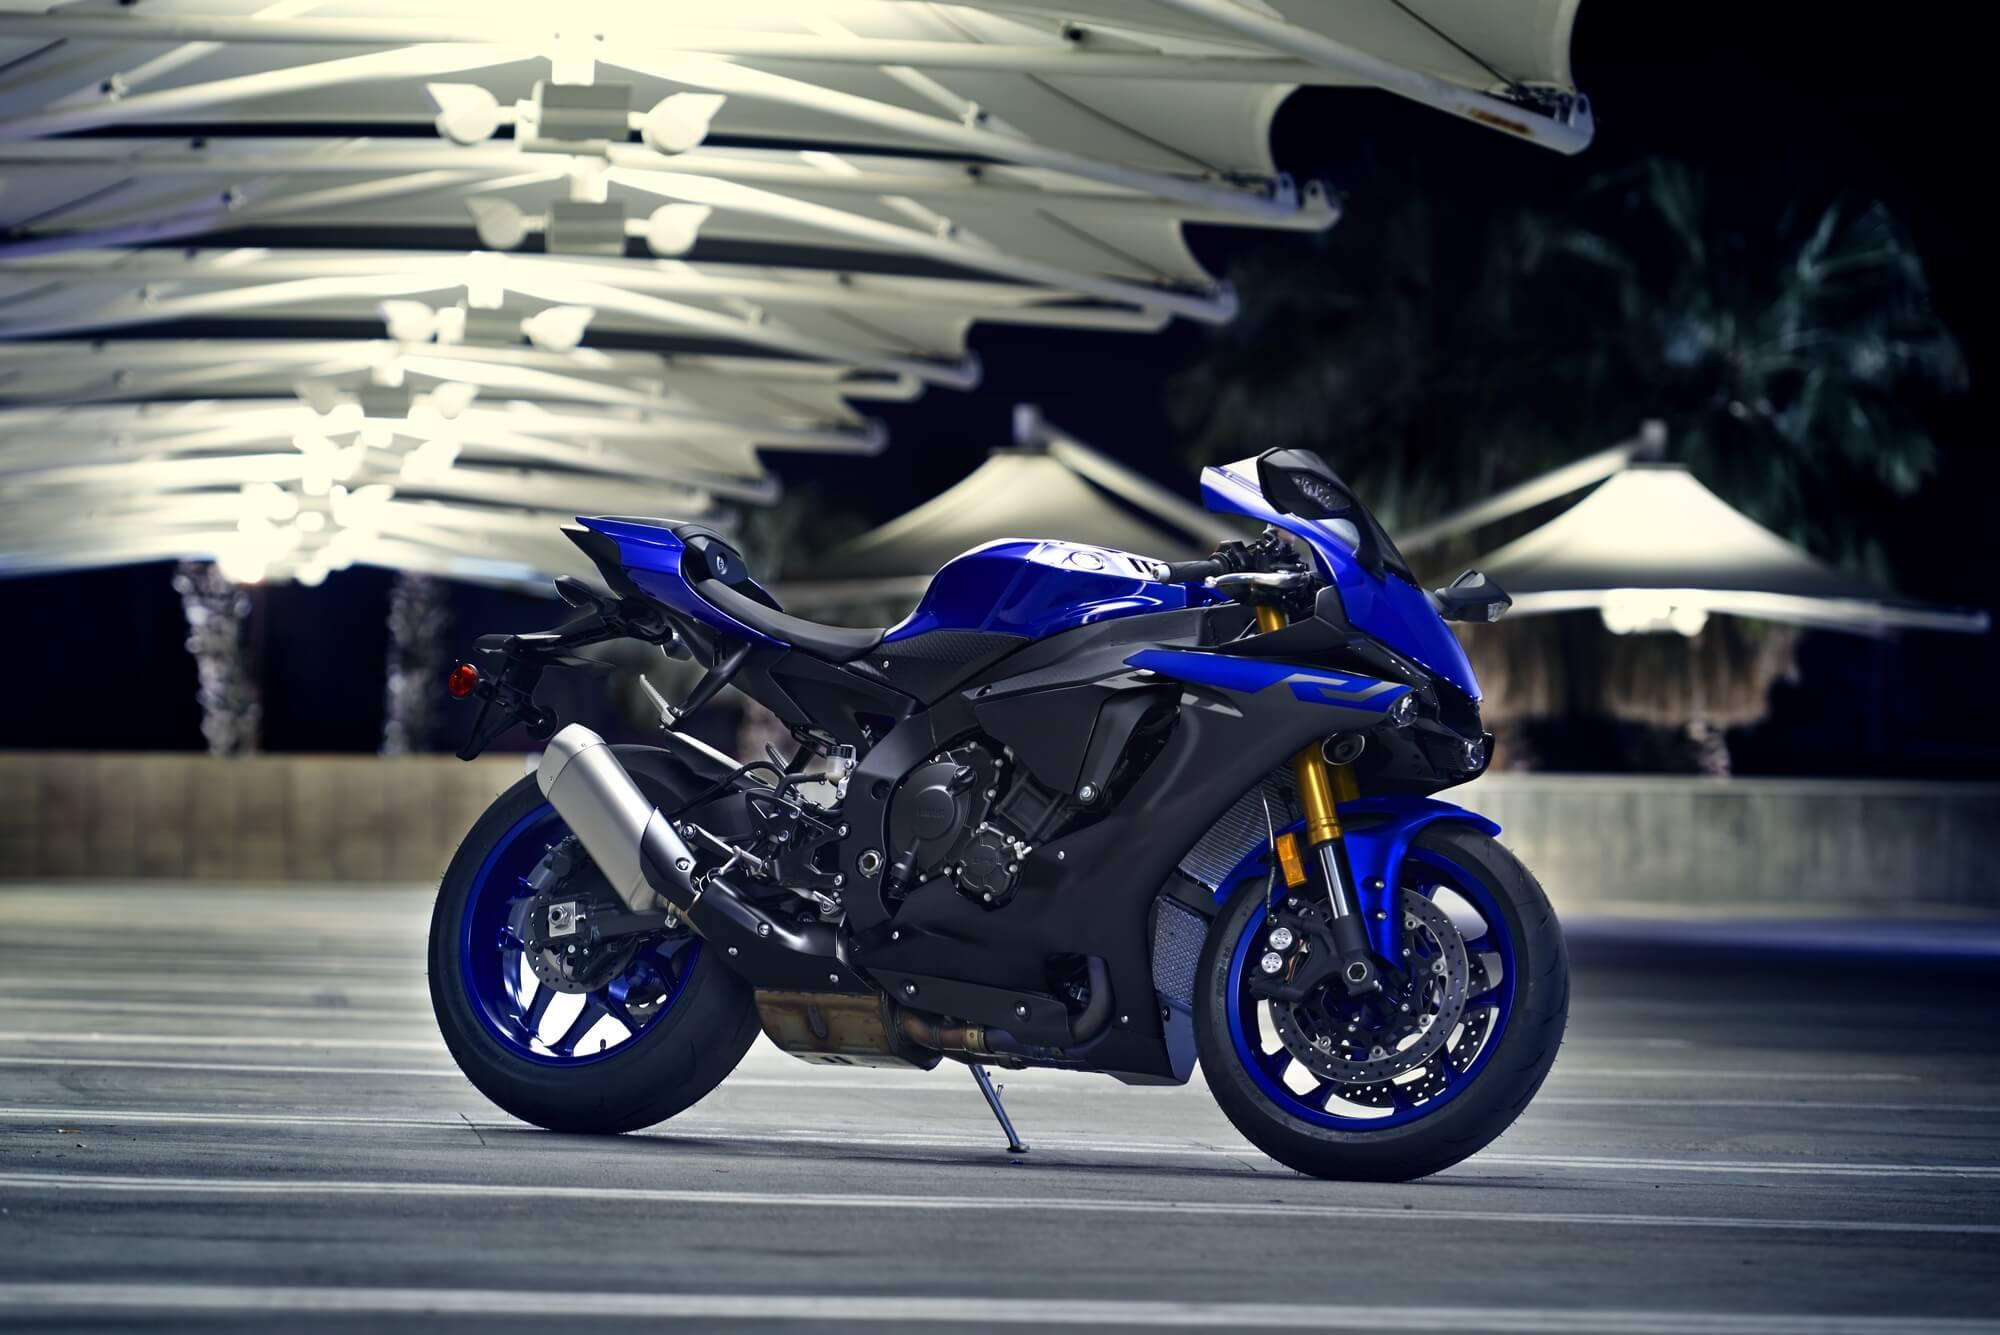 Motociklet Yamaha Yzf R1 2019 Motocikleti Yamahabox